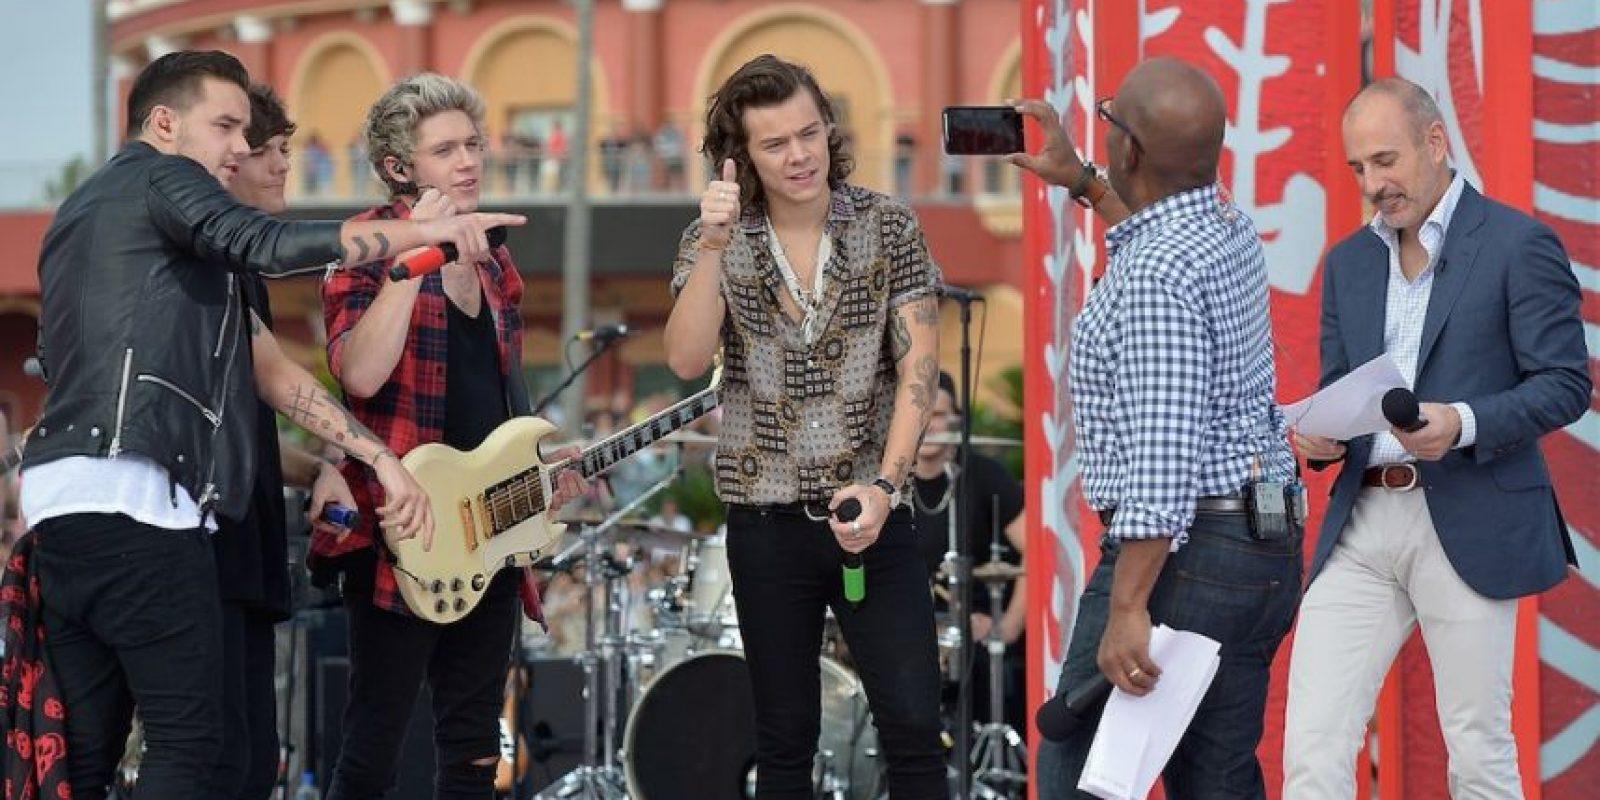 """""""Mi vida con One Direction ha sido más de lo que jamas podría haber imaginado. Pero, después de cinco años, siento que ahora es el momento adecuado para dejar la banda"""", expllicó el cantante en un comunicado emitido por su publicista, Simon Jones Foto:Getty Images"""